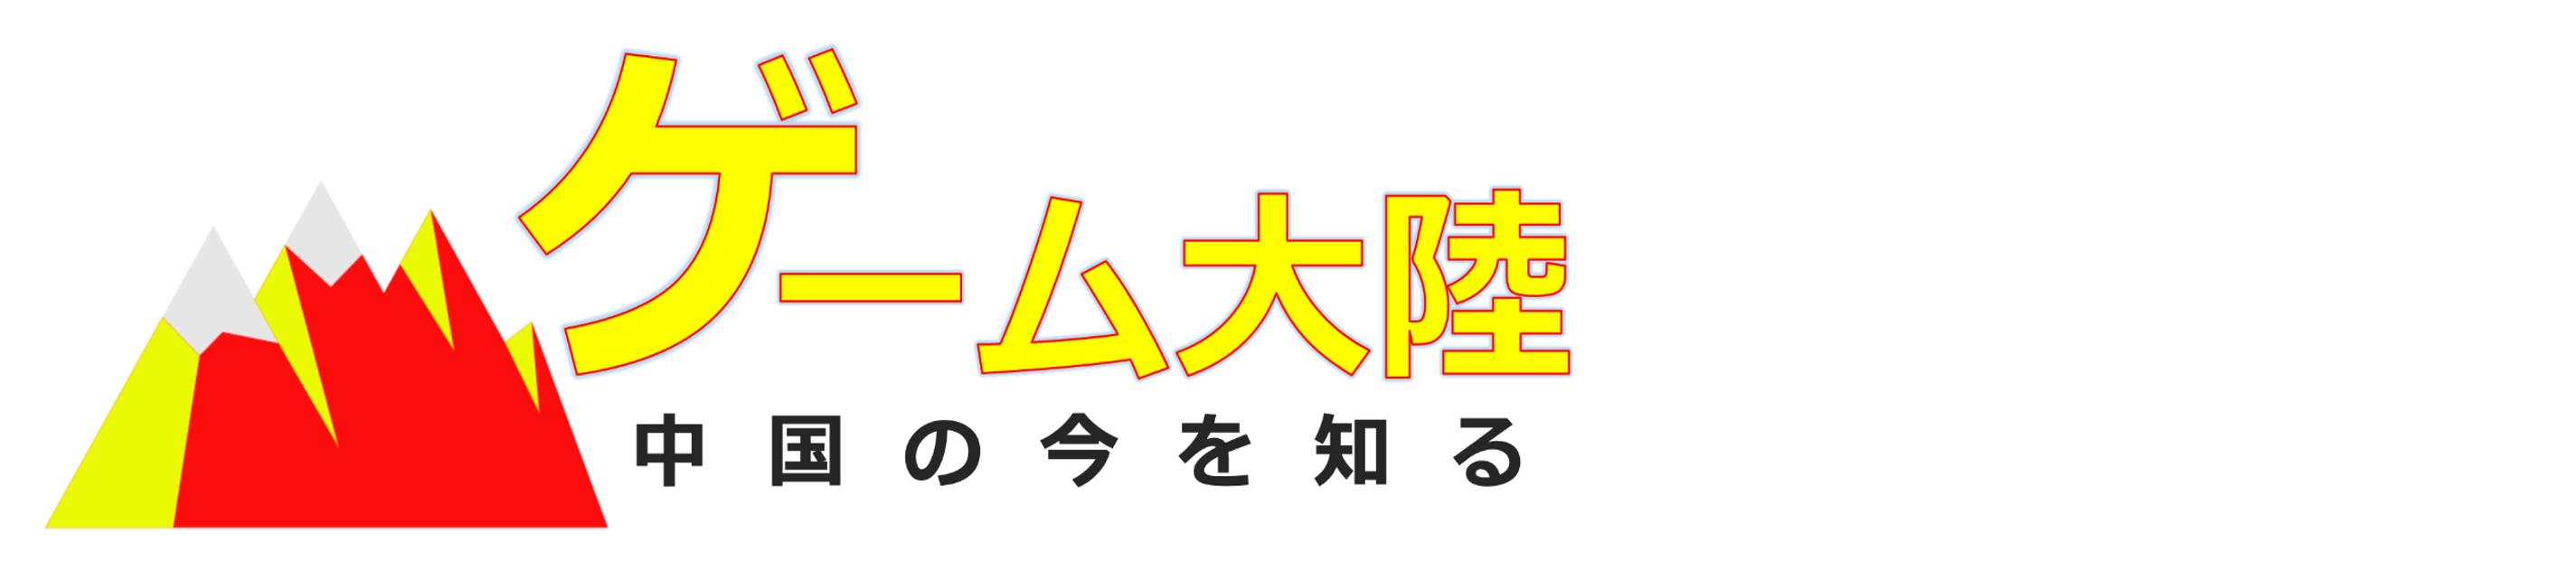 中国ゲーム 日本語情報サイト[ゲーム大陸]